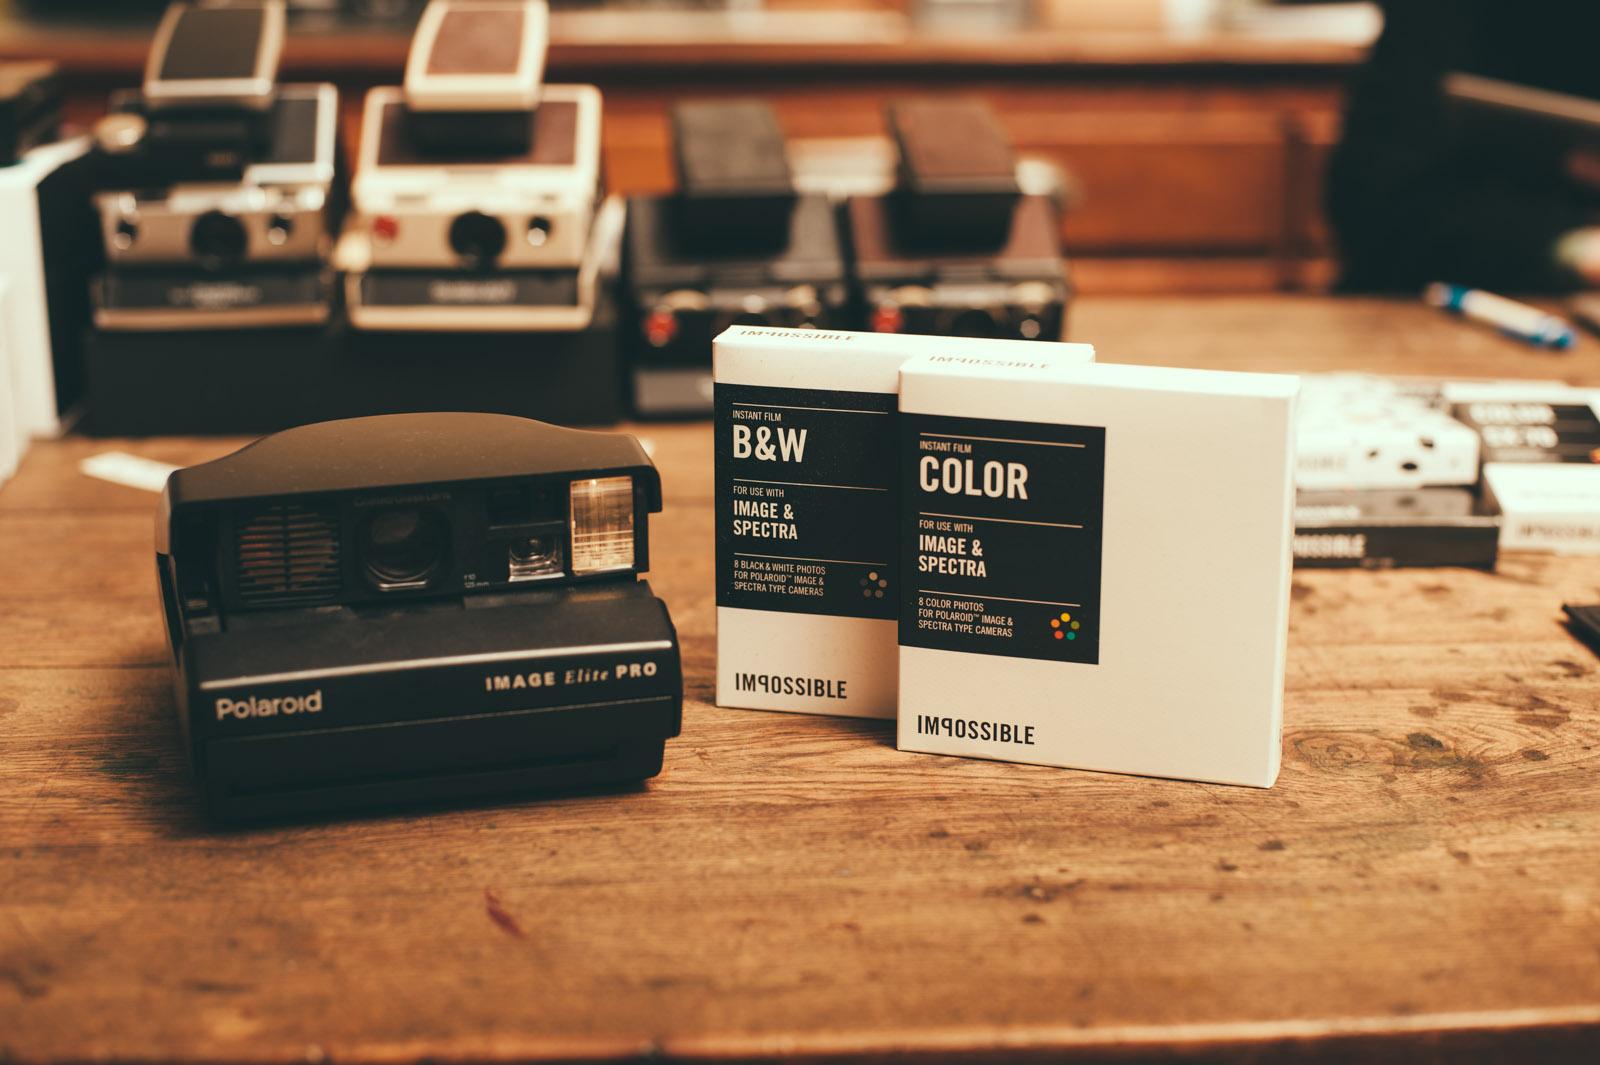 Кассеты для Polaroid Image/Spectra